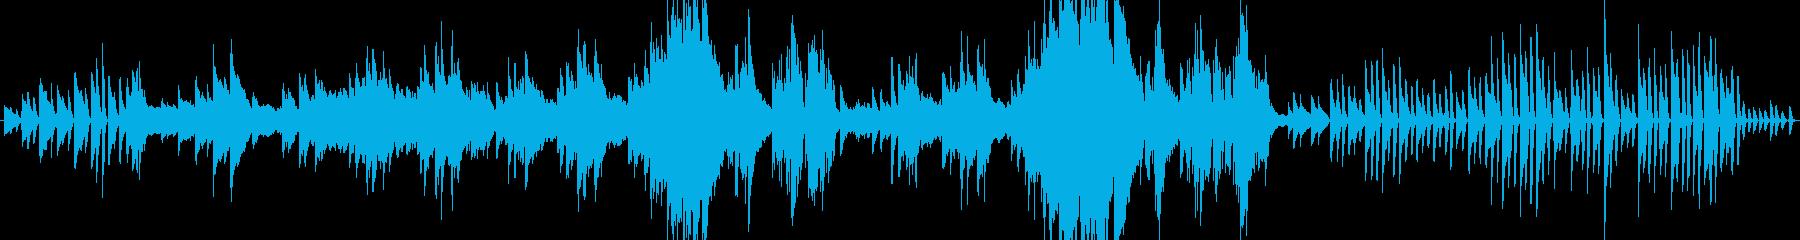 ピアノソナタ田園第1楽章よりの再生済みの波形